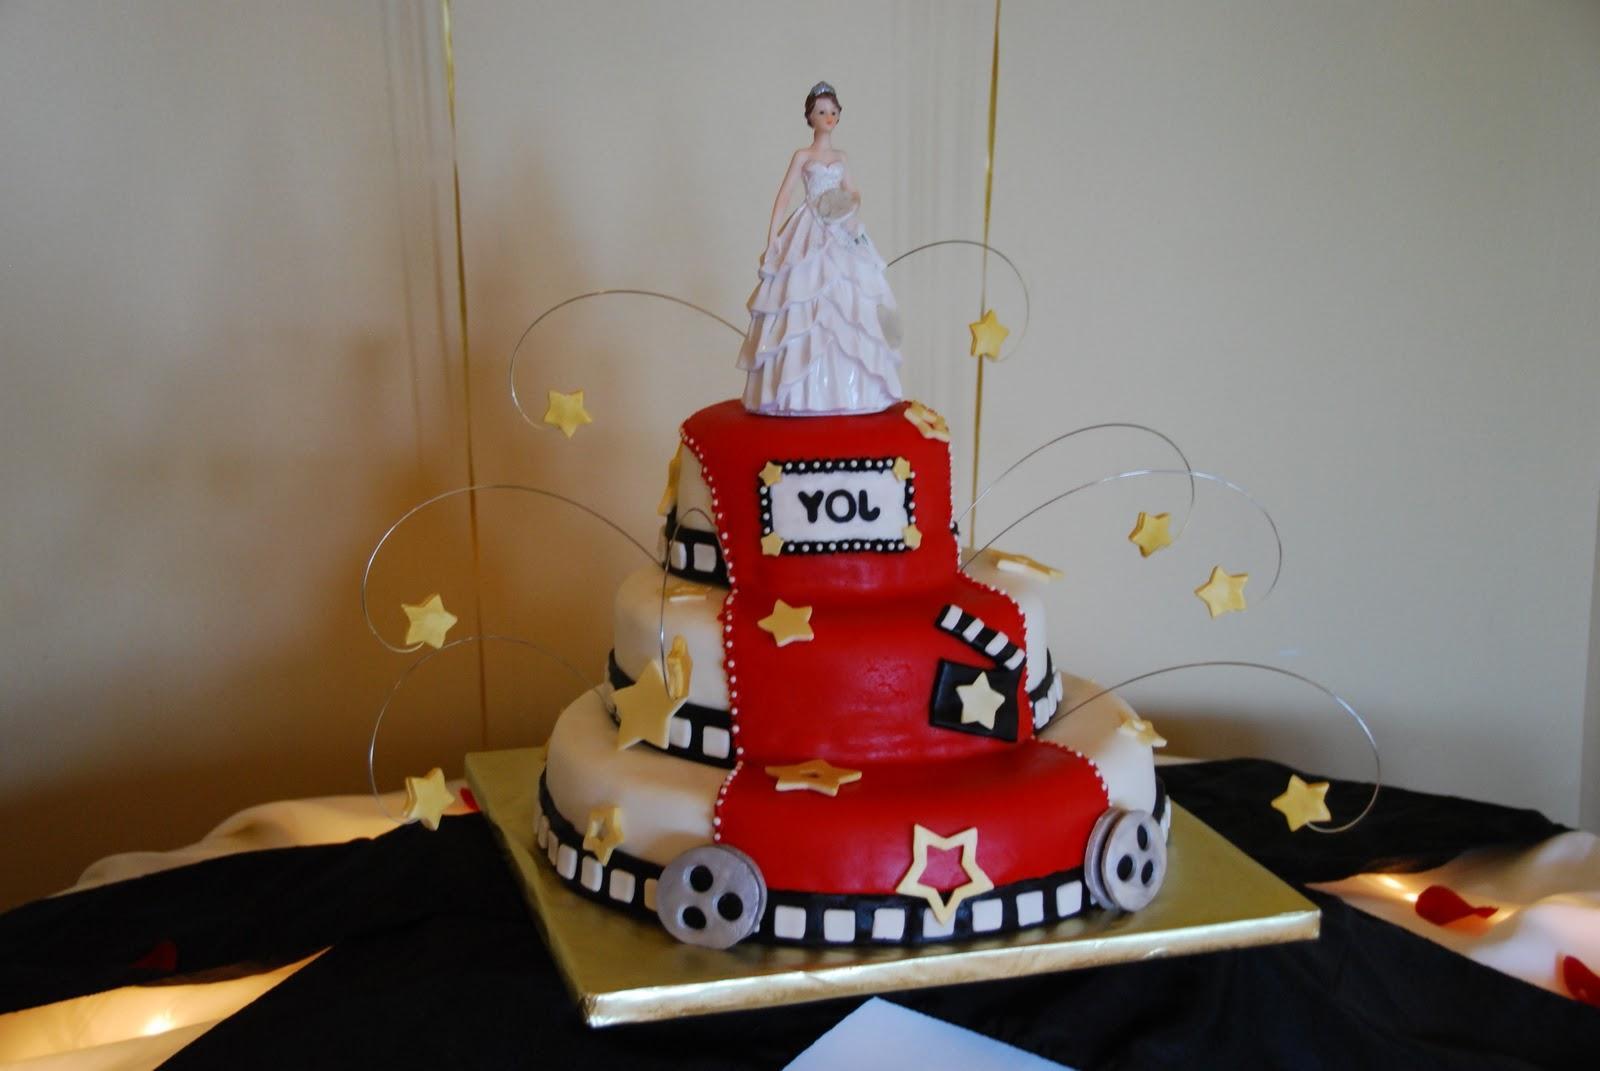 Quincea  era cake